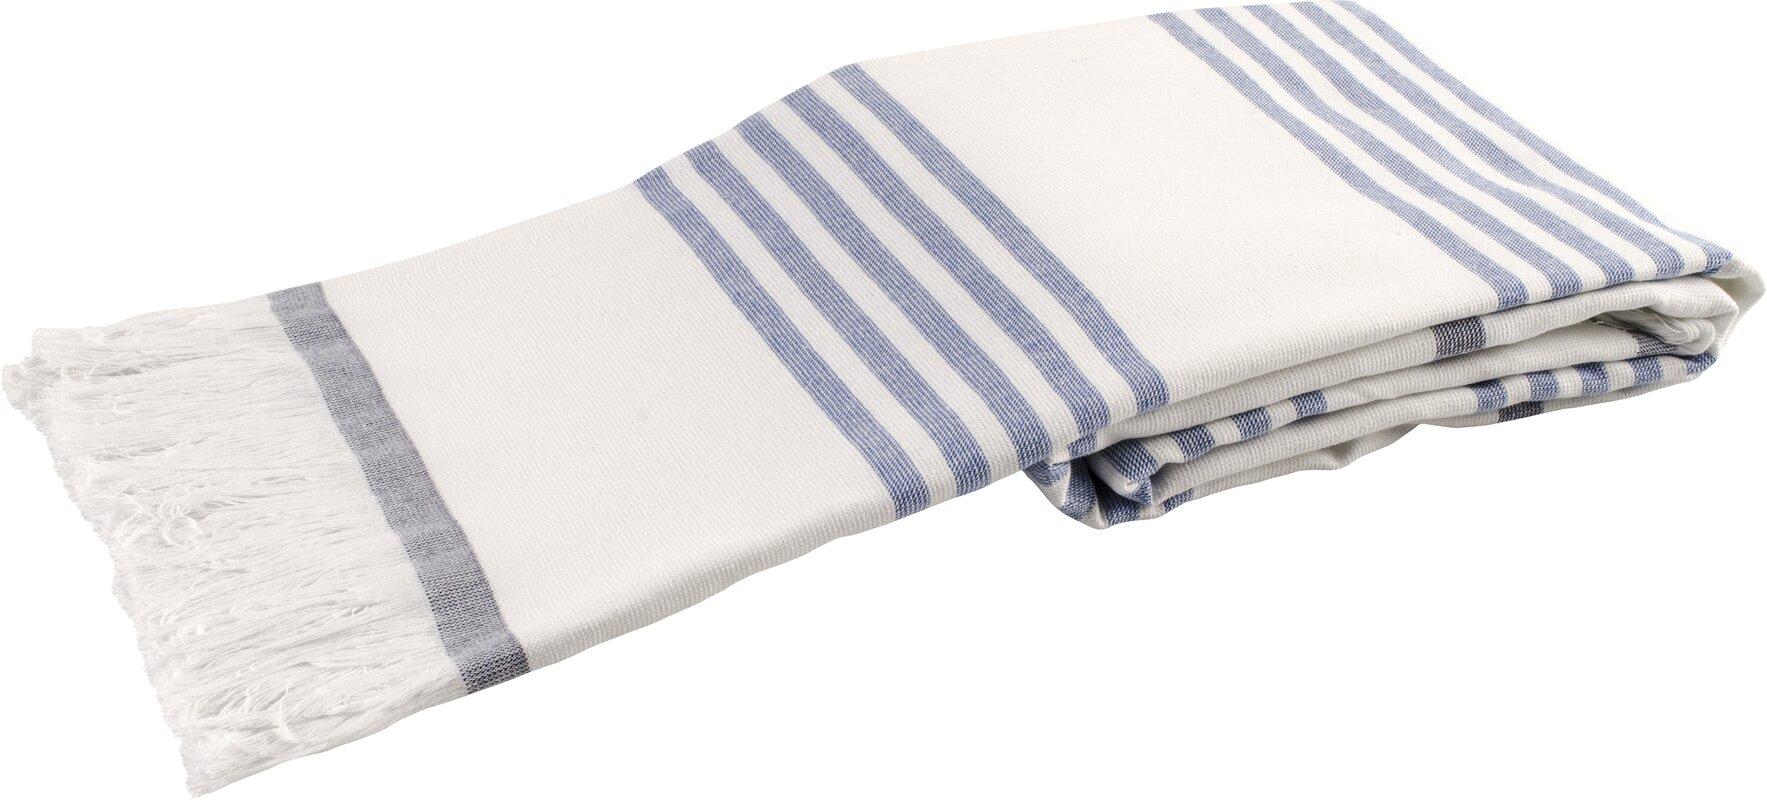 Lunasidus Sultan Luxury Turkish Terry Beach Towel & Reviews | Wayfair